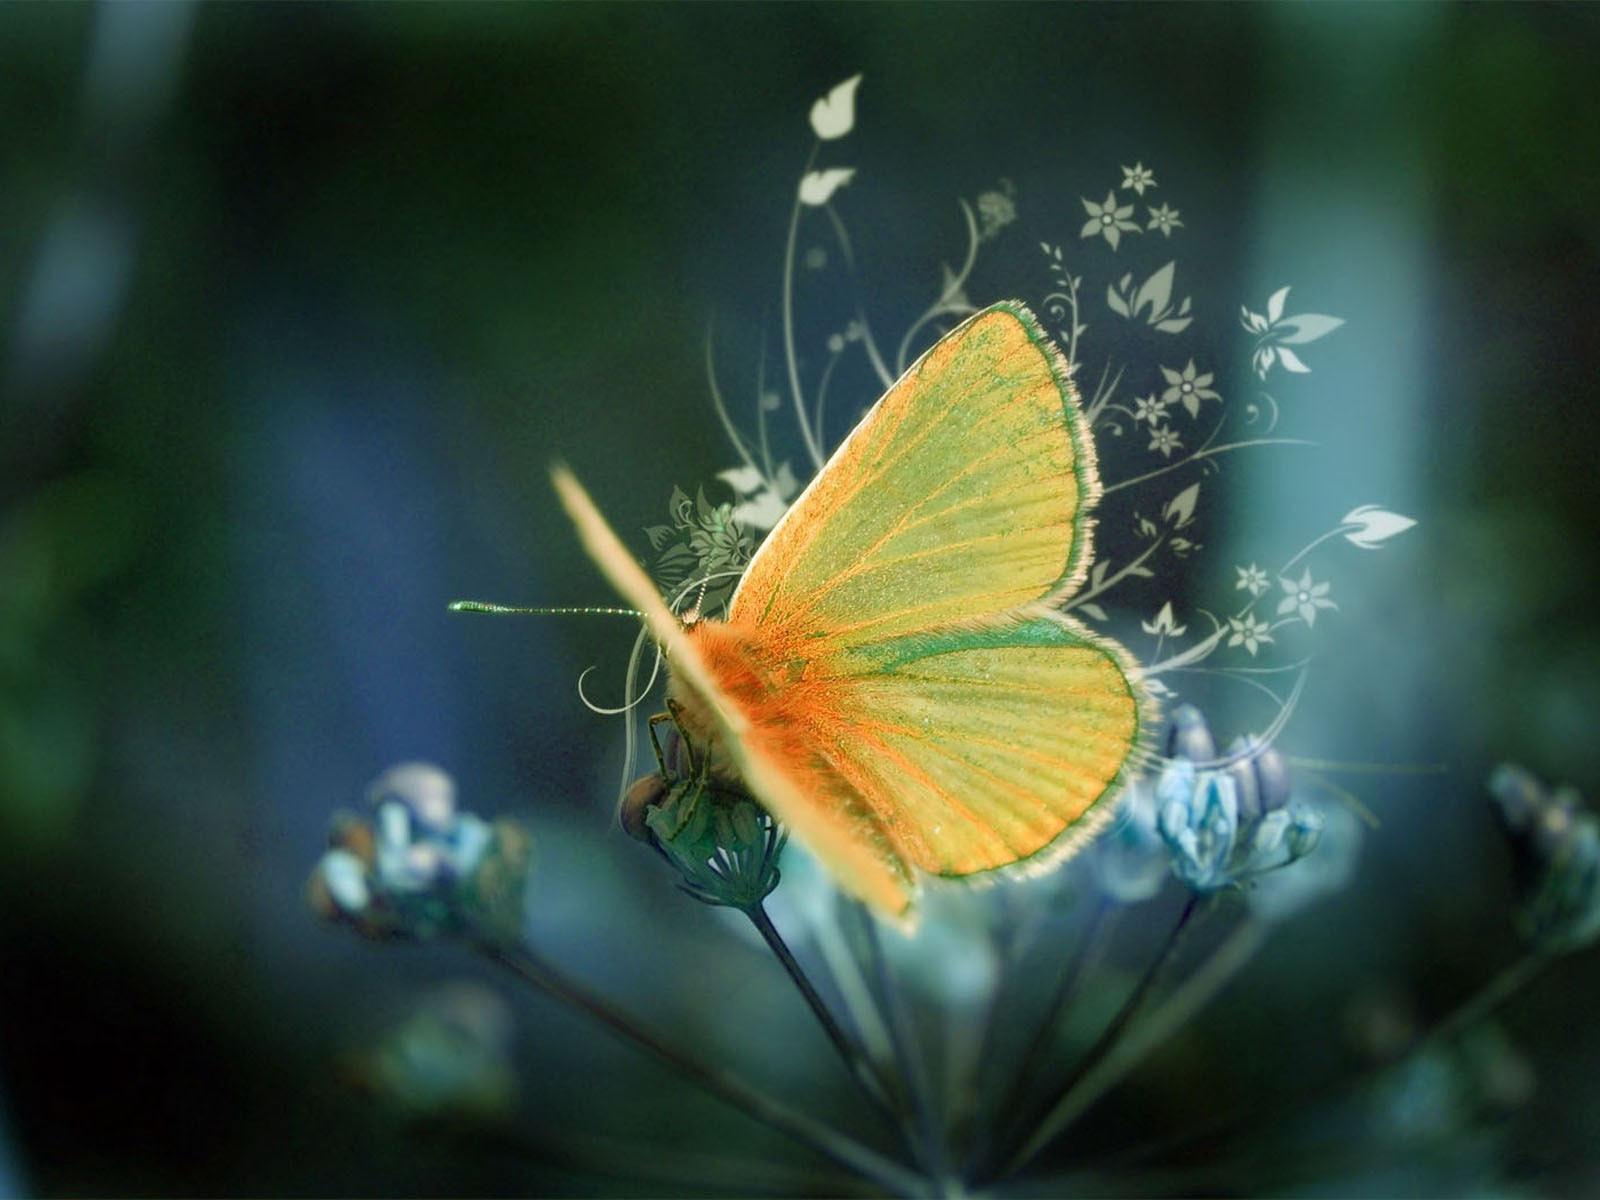 http://1.bp.blogspot.com/-3Q9L9rfqBew/T9bVK45WgjI/AAAAAAAABaI/hzJBtkA4LQI/s1600/Moth_-_desktop_wallpaper.jpg